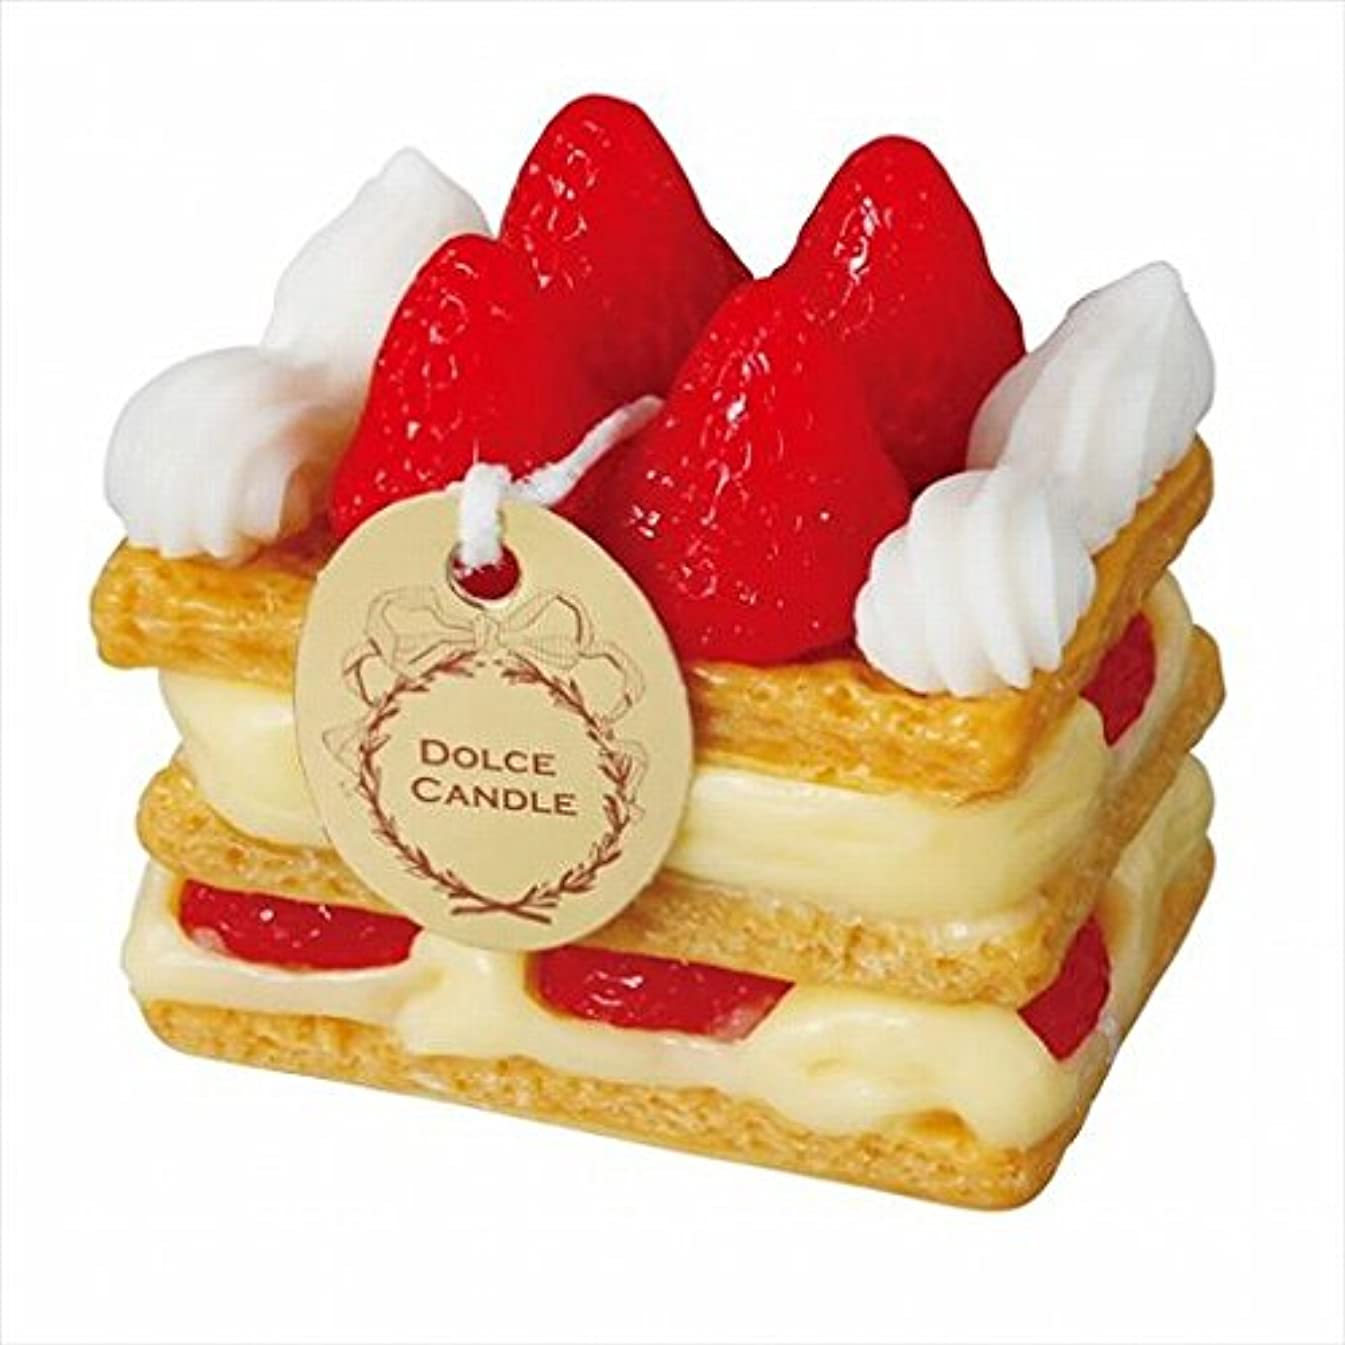 ロイヤリティ覆すおしゃれなスイーツキャンドル( sweets candle ) ドルチェキャンドル 「 ミルフィーユ 」 キャンドル